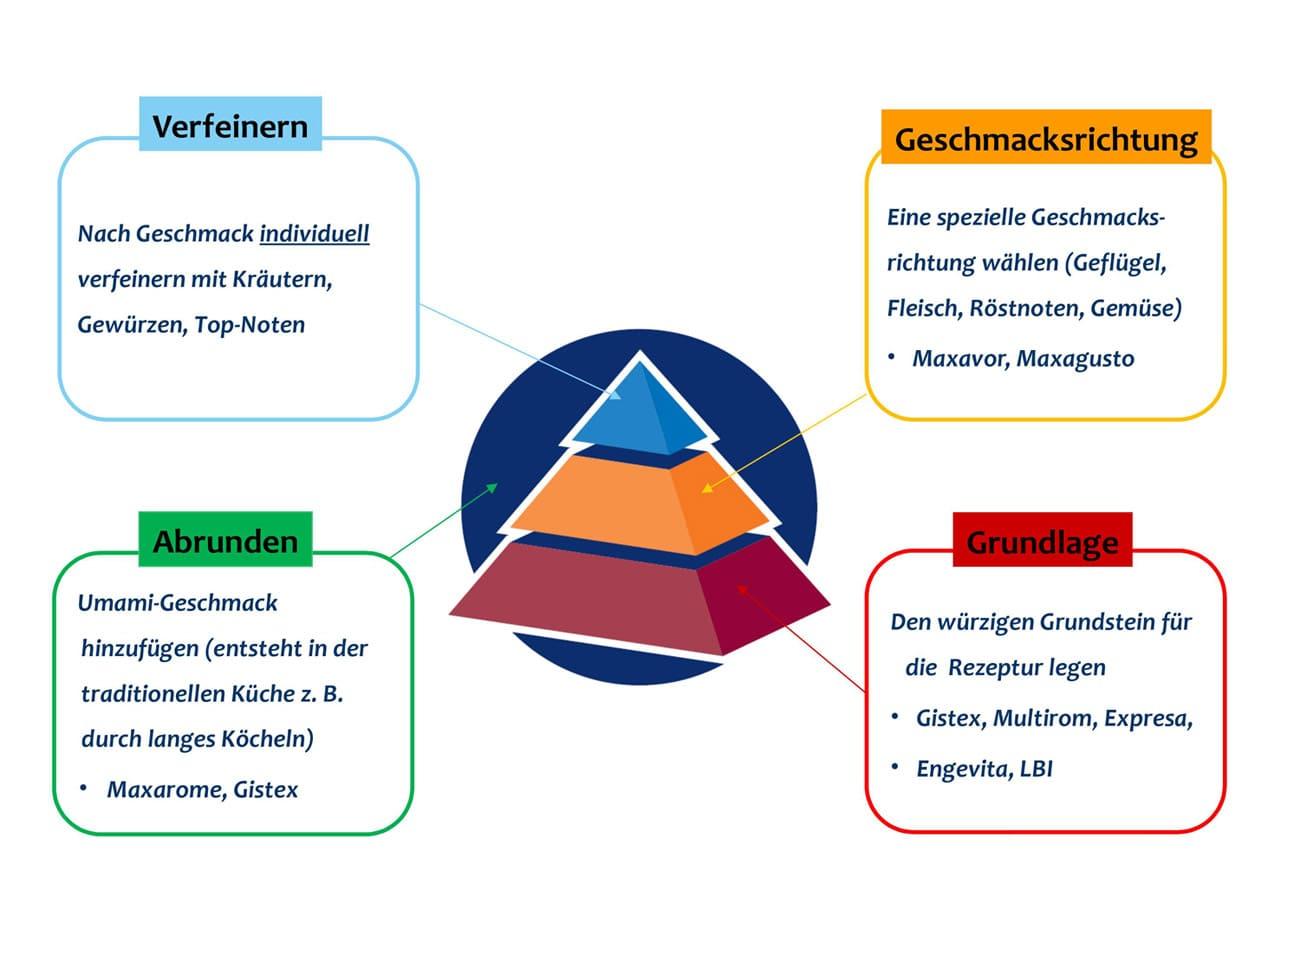 Die Geschmackspyramide mit den mehreren Ebenen der Geschmacksentstehung